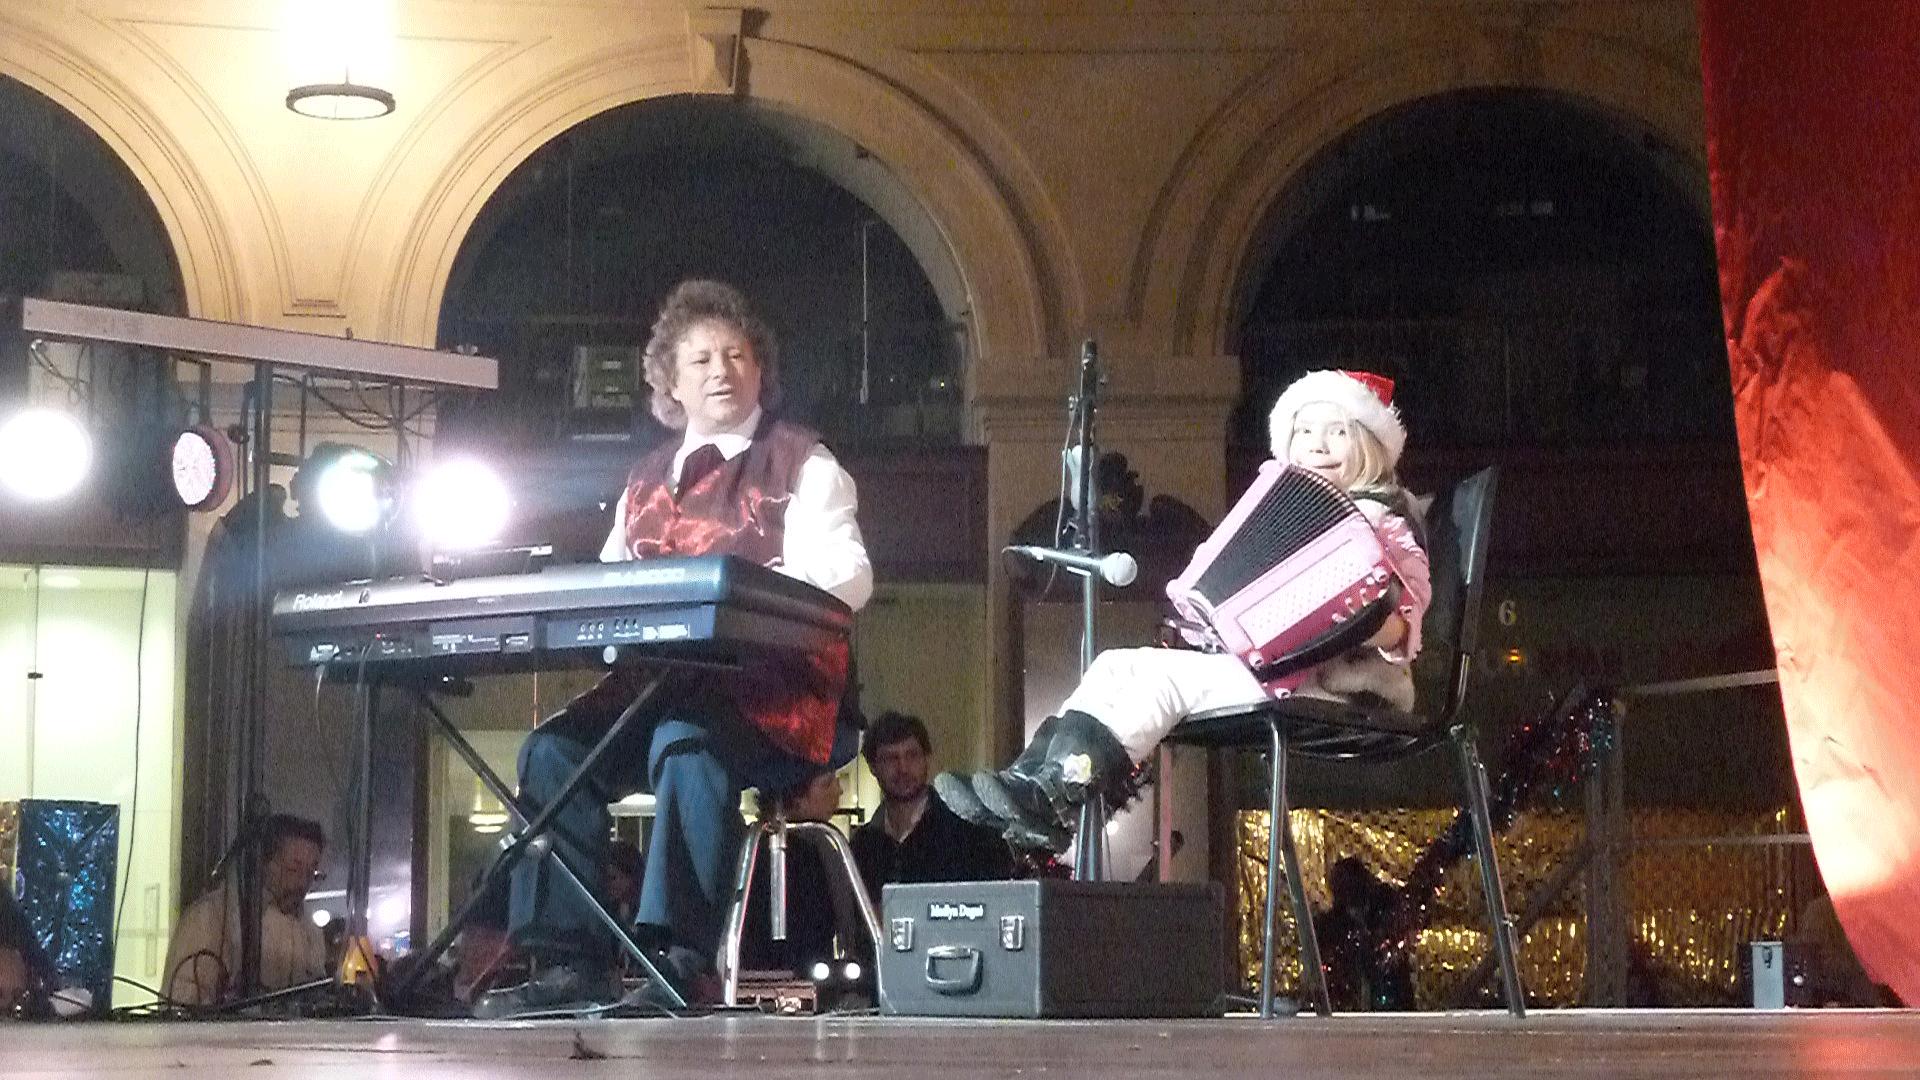 4-2014-PARIS-Noël-aux-Halles-orchestre-de-variété-avec-Madlyn-accordéon-6-ans